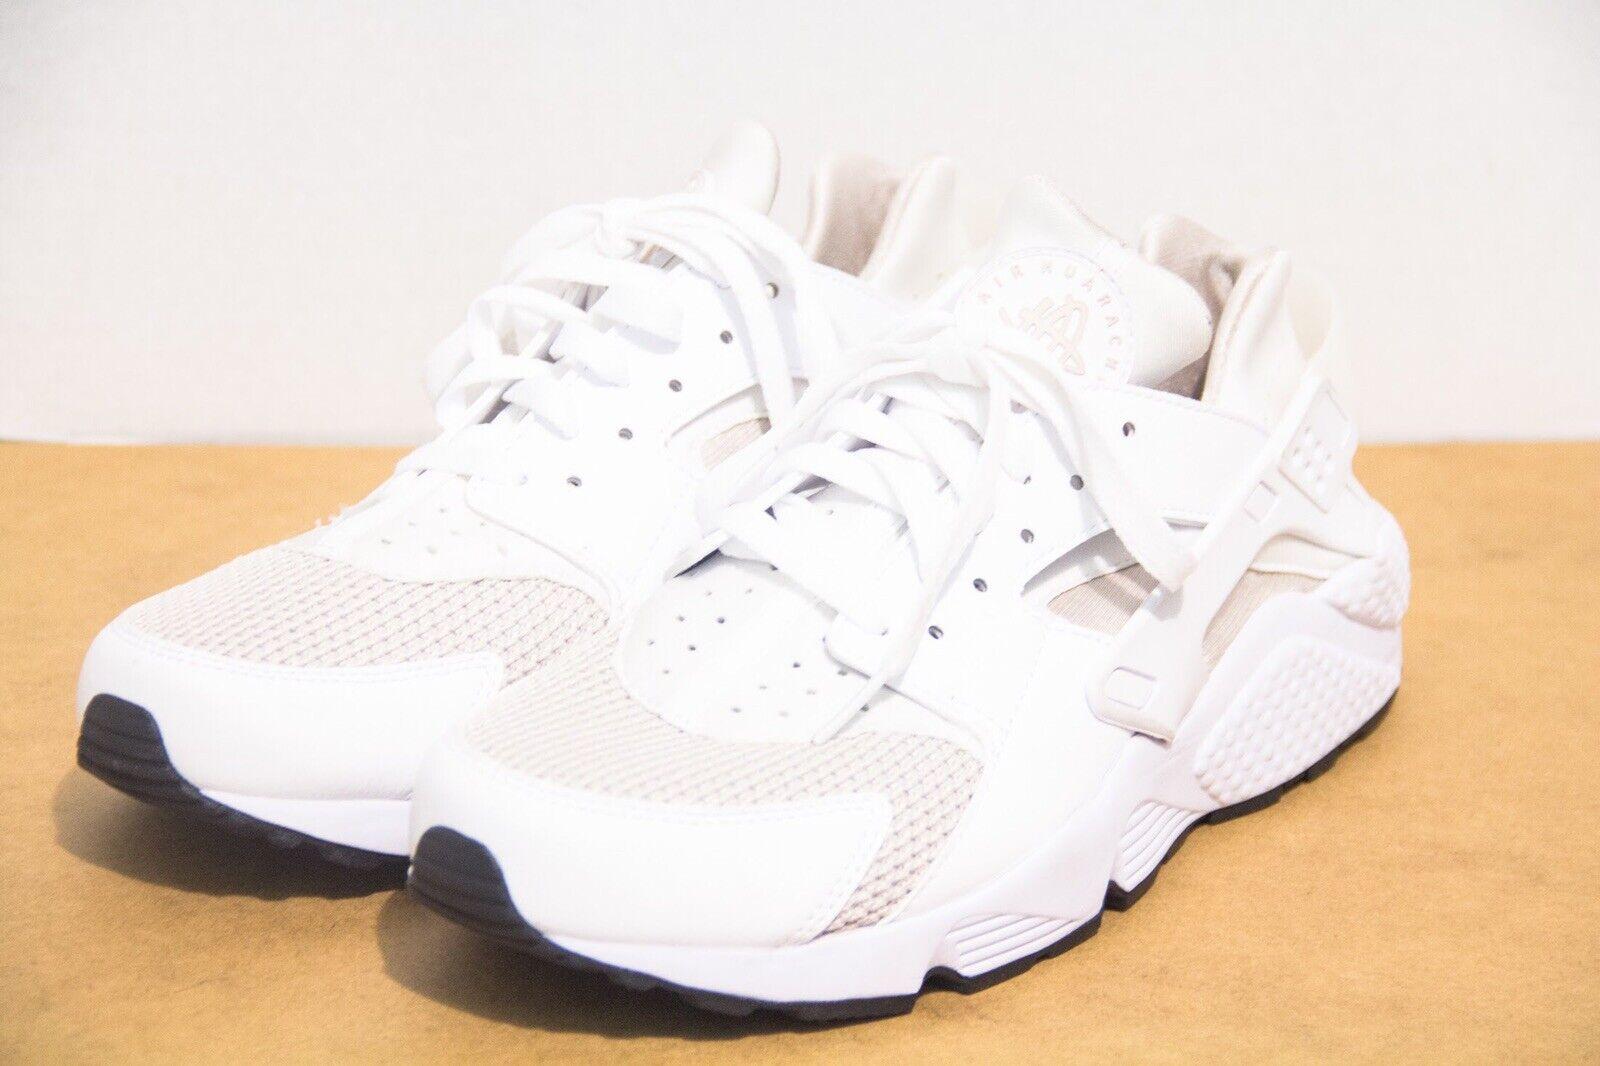 Homme Nike Air Huarache courir Blanc Taille 10 Sable Du Désert Chaussures De Course 318429-113